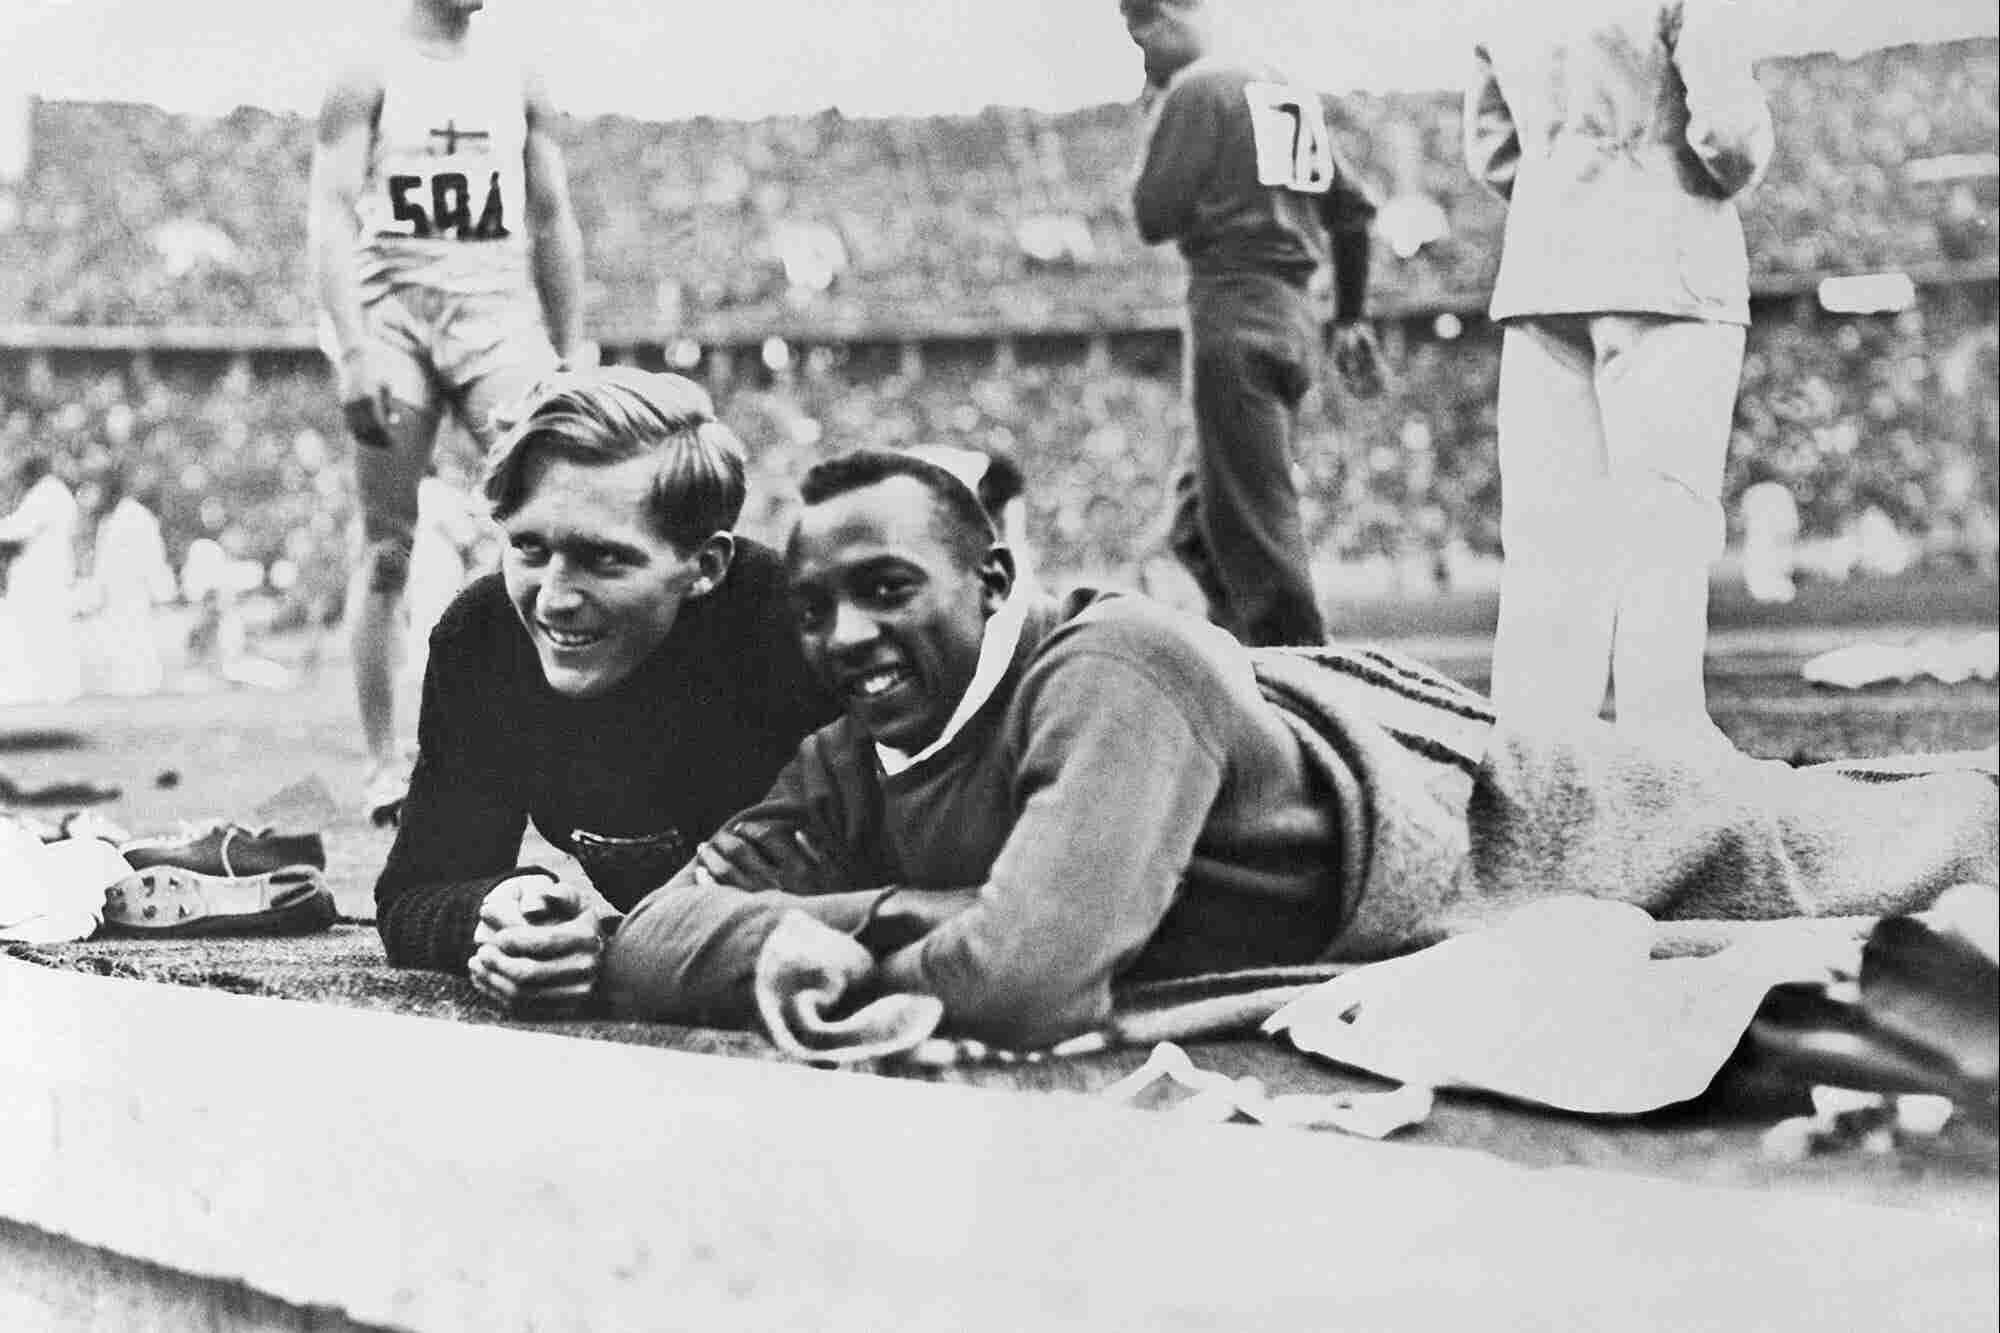 ¿Por qué este atleta olímpico alemán ayudó a Jesse Owens mientras Hitler los observaba?